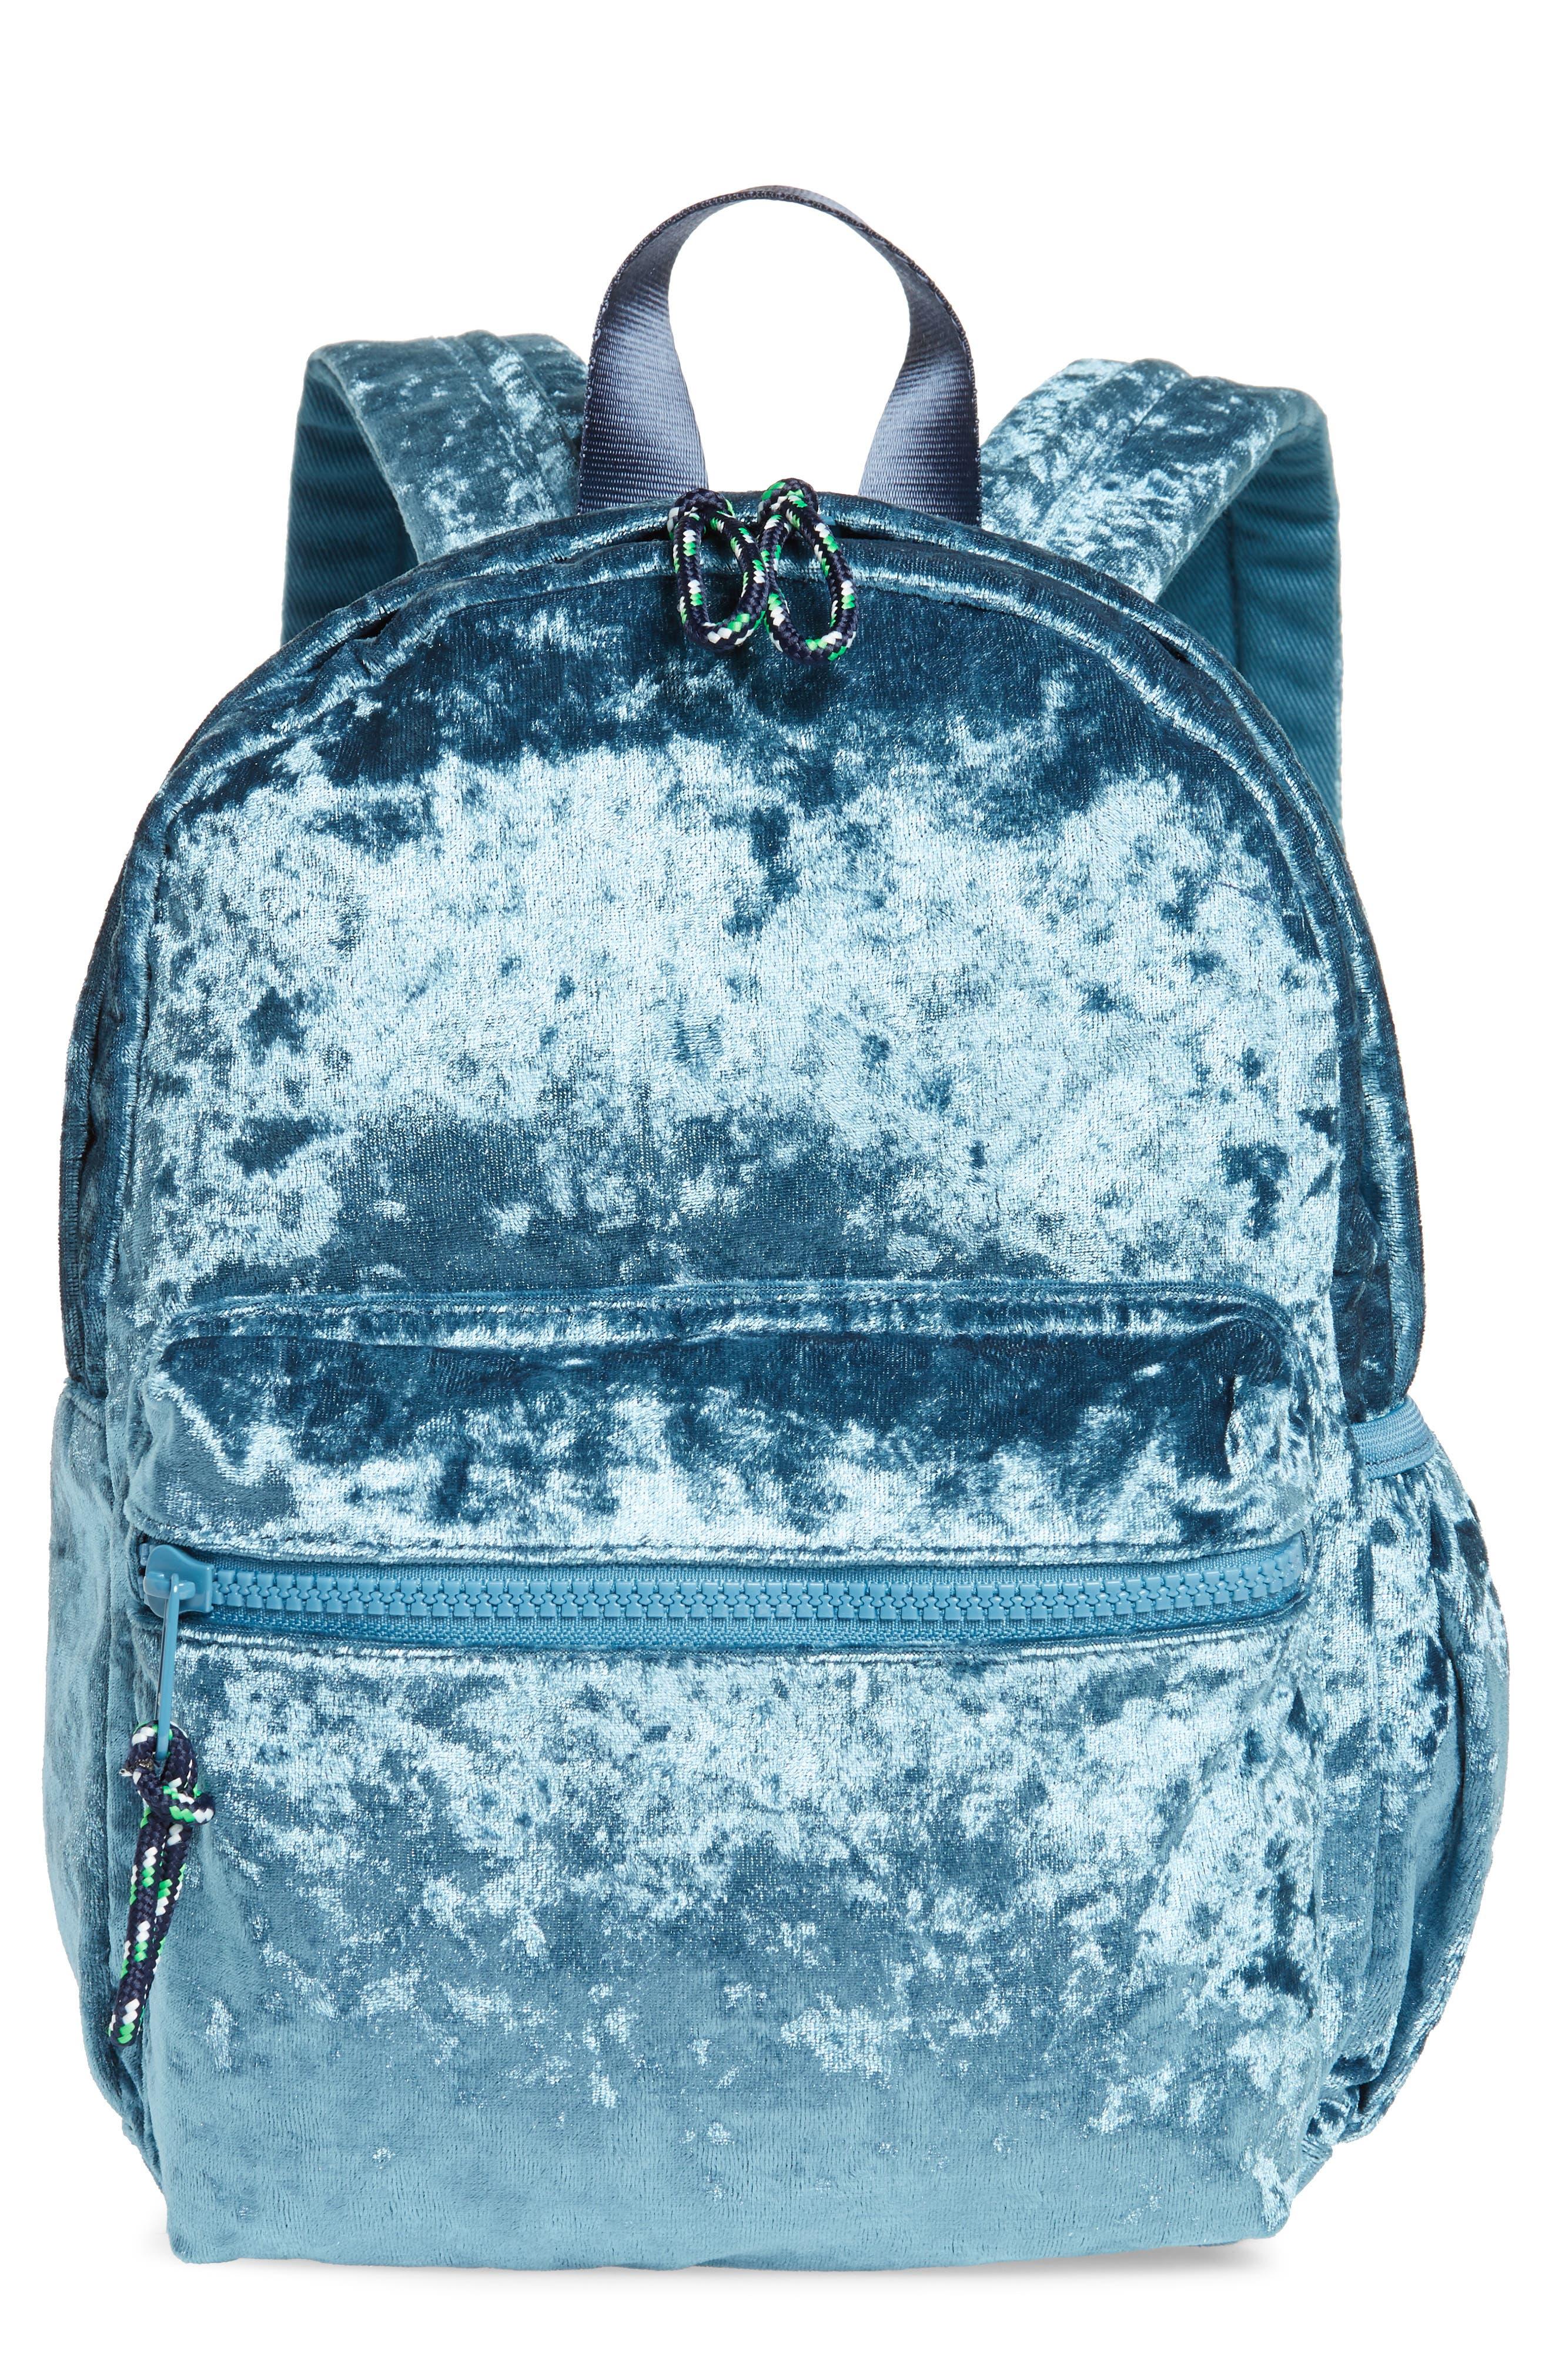 Crushed Velvet Backpack,                         Main,                         color, 440